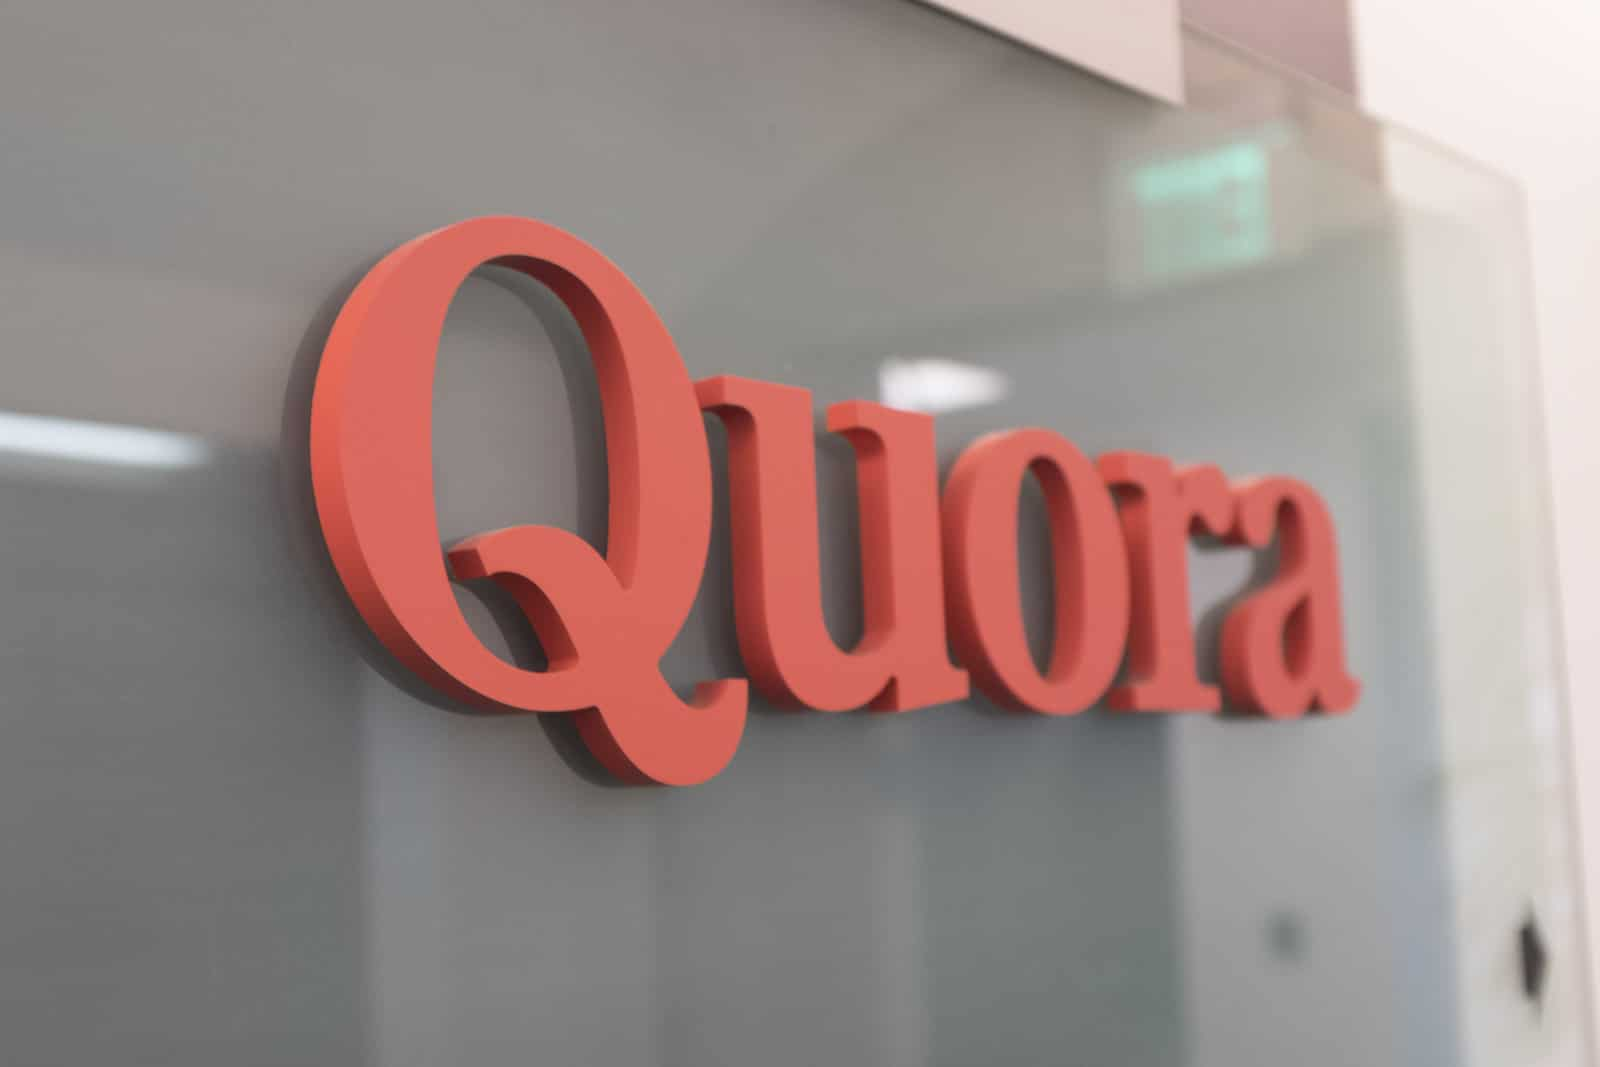 Quora Breach